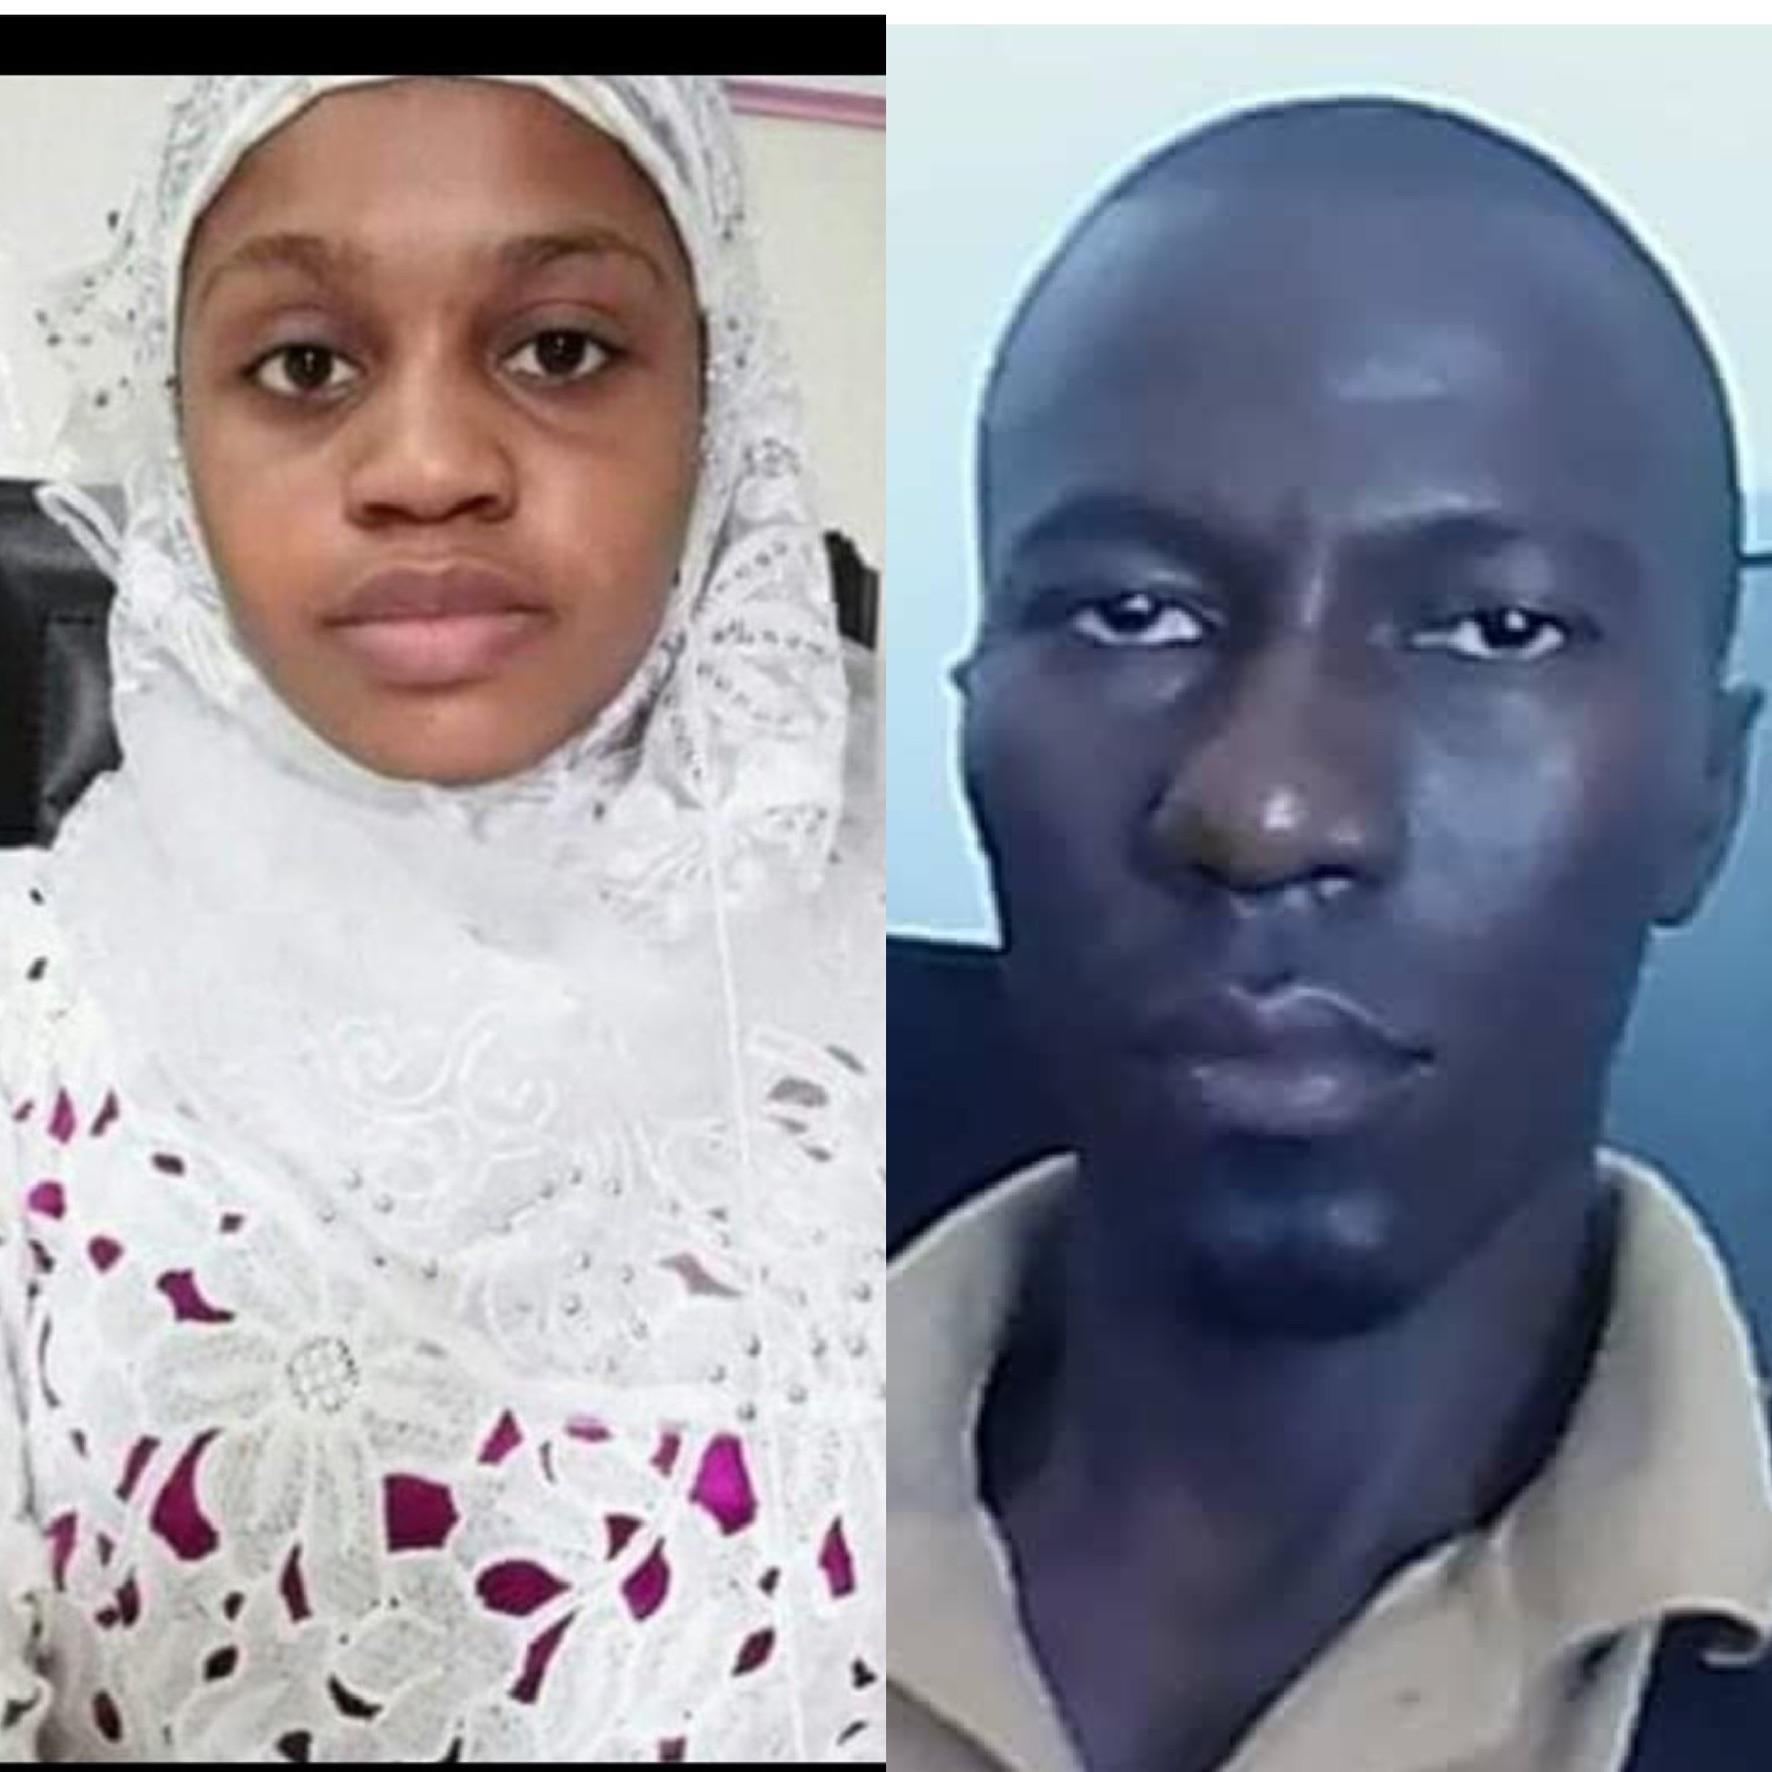 Chambre criminelle de Tamba :  Le présumé meurtrier de Bineta Camara condamné à la perpétuité.